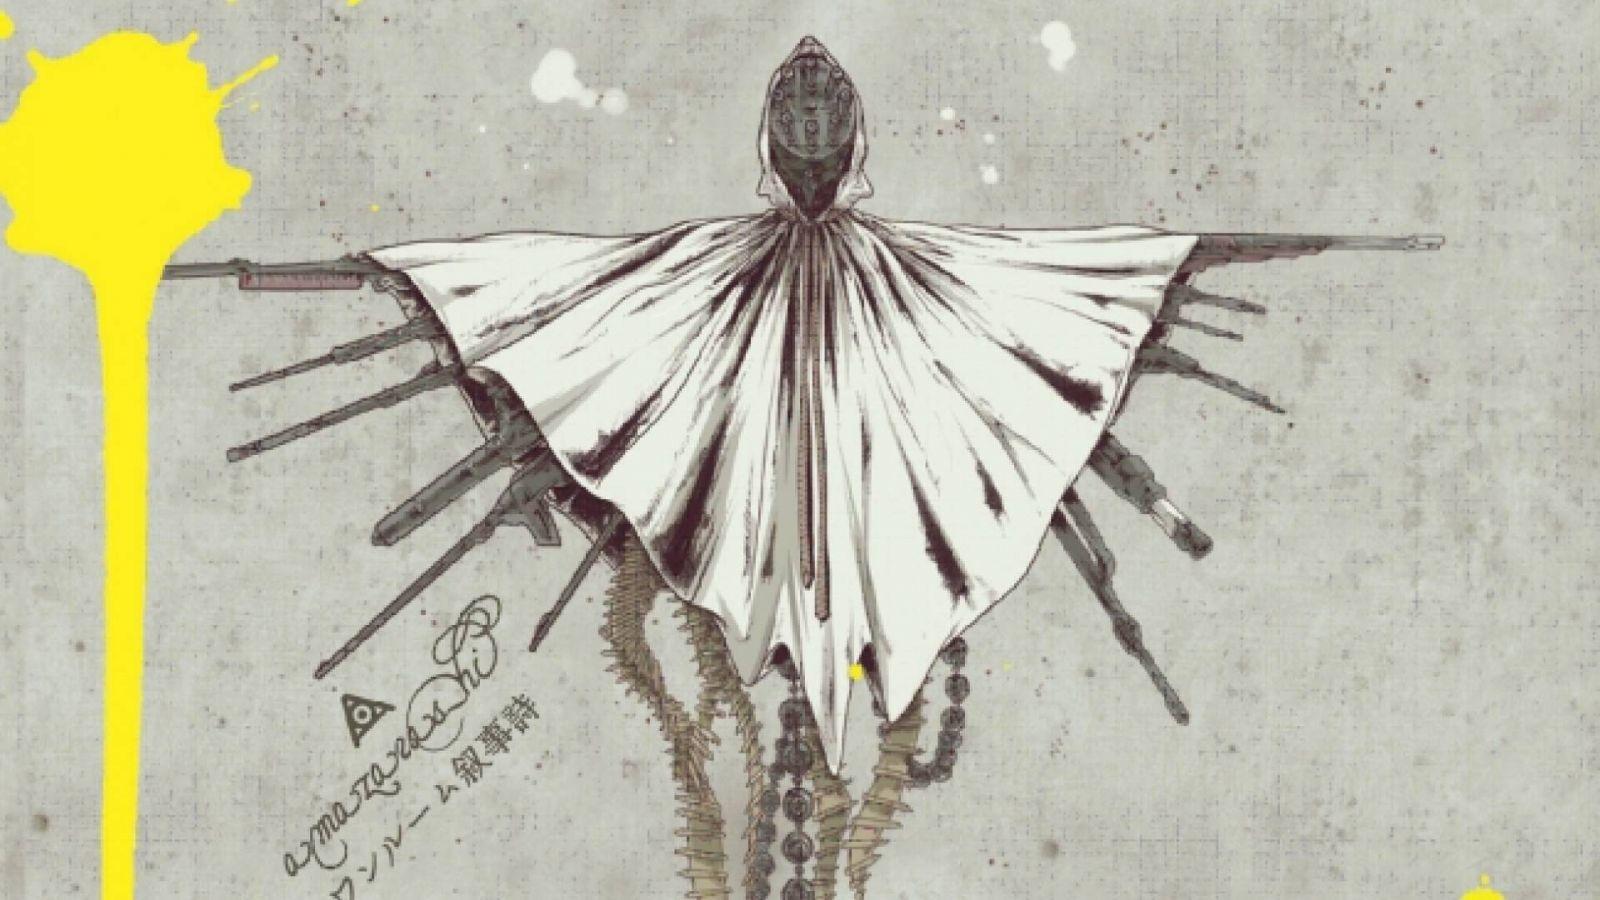 Album und Poesie von amazarashi © amazarashi